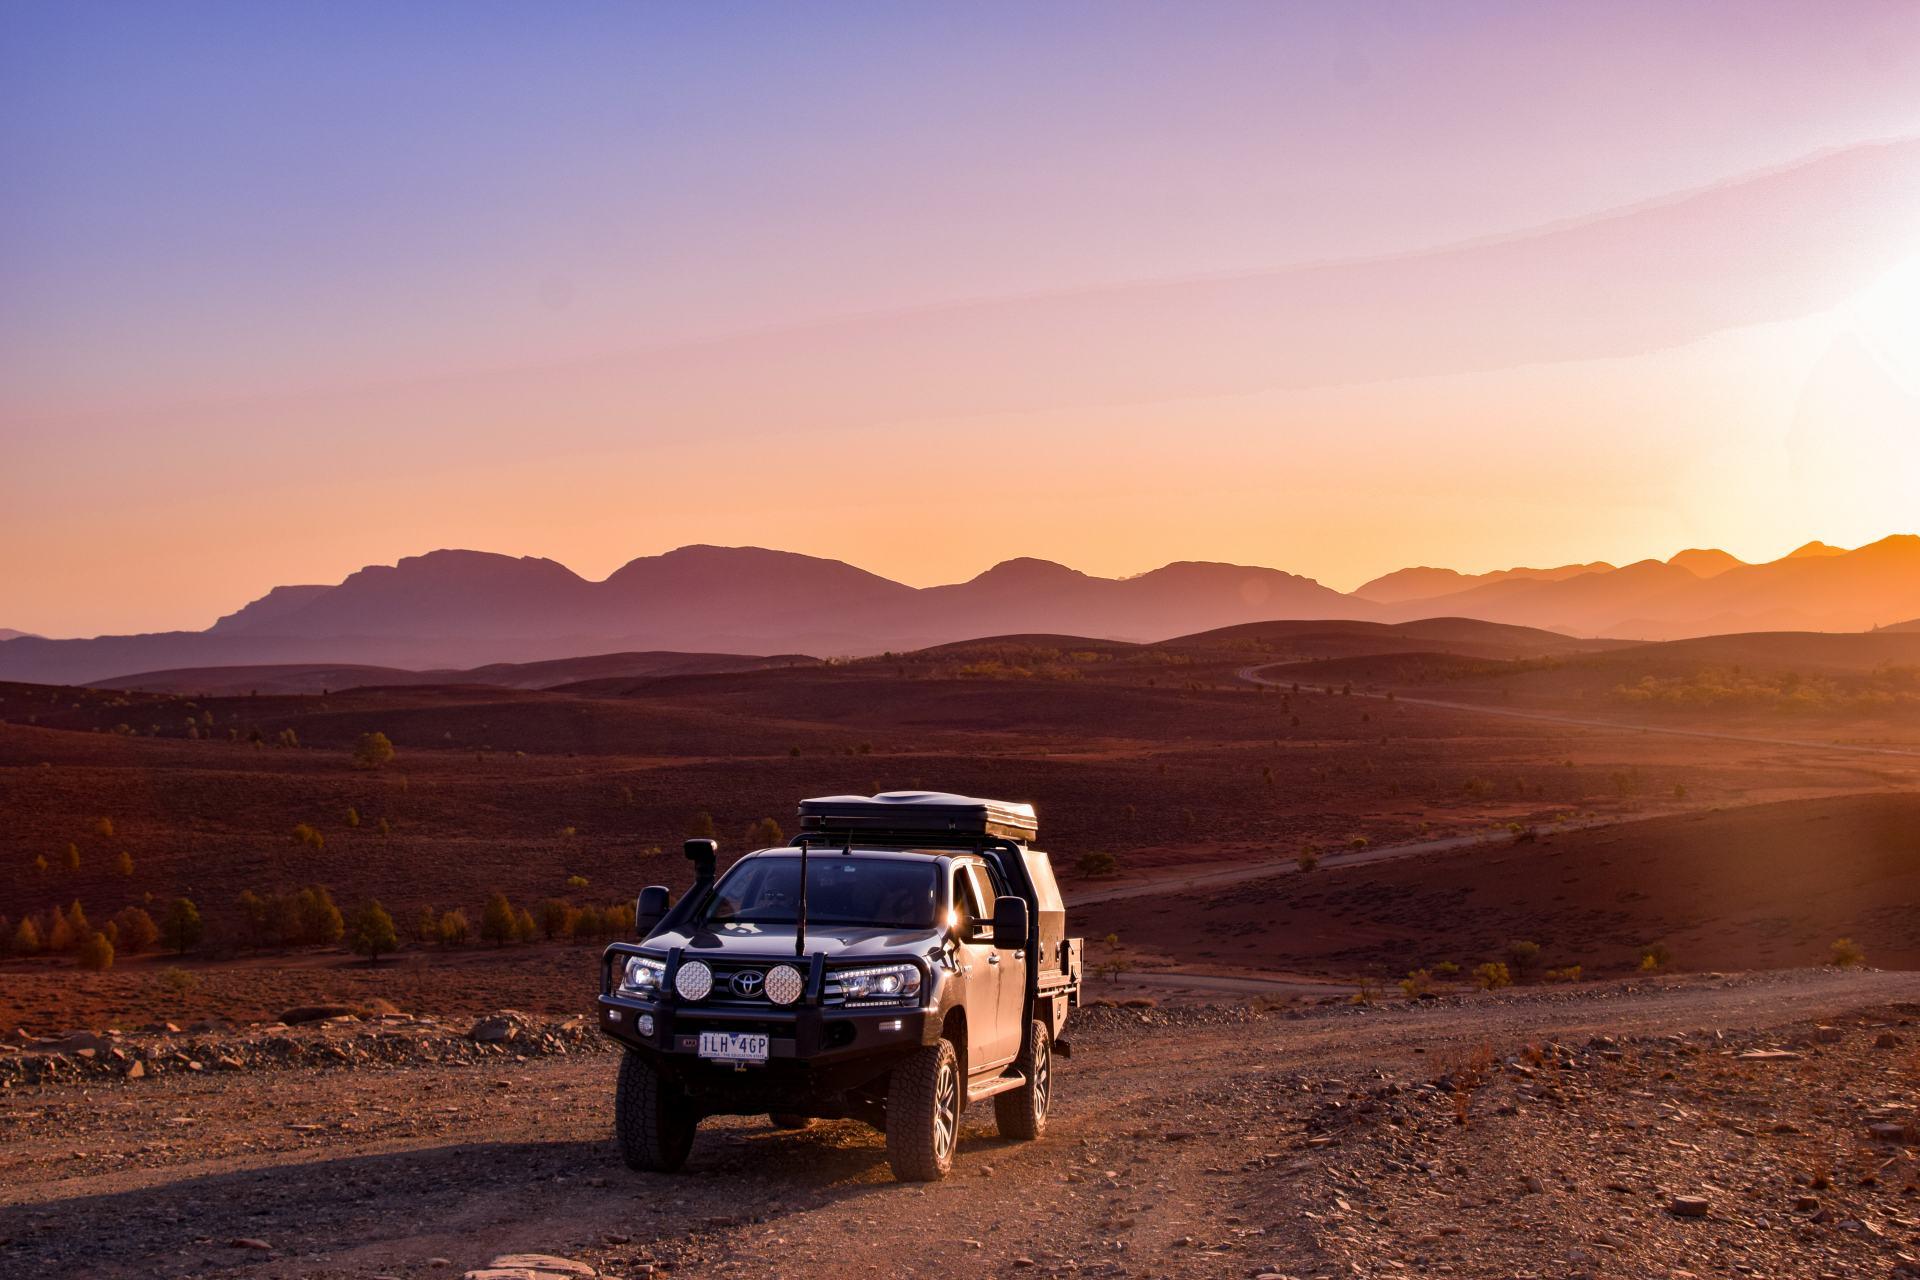 flinders ranges at sunset